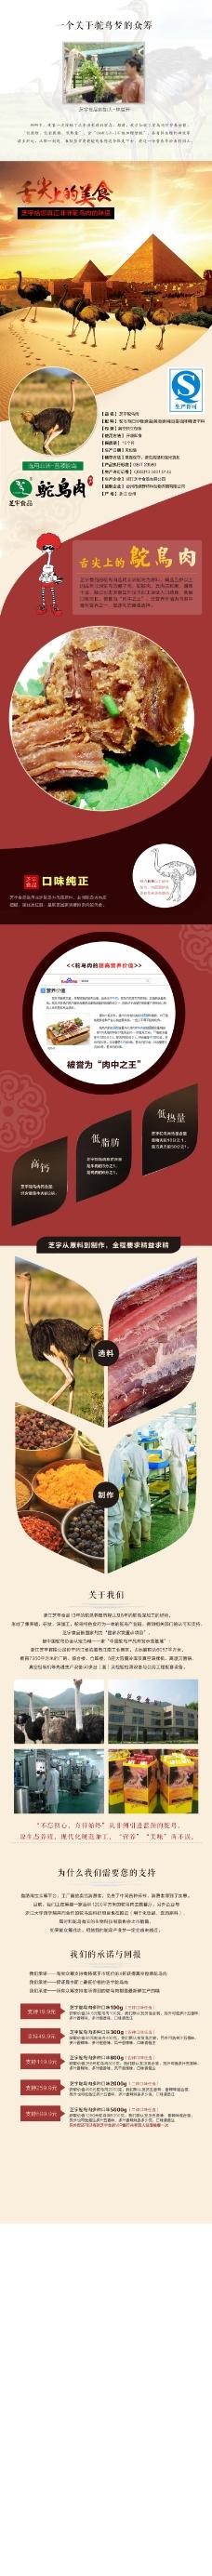 食品类详情页